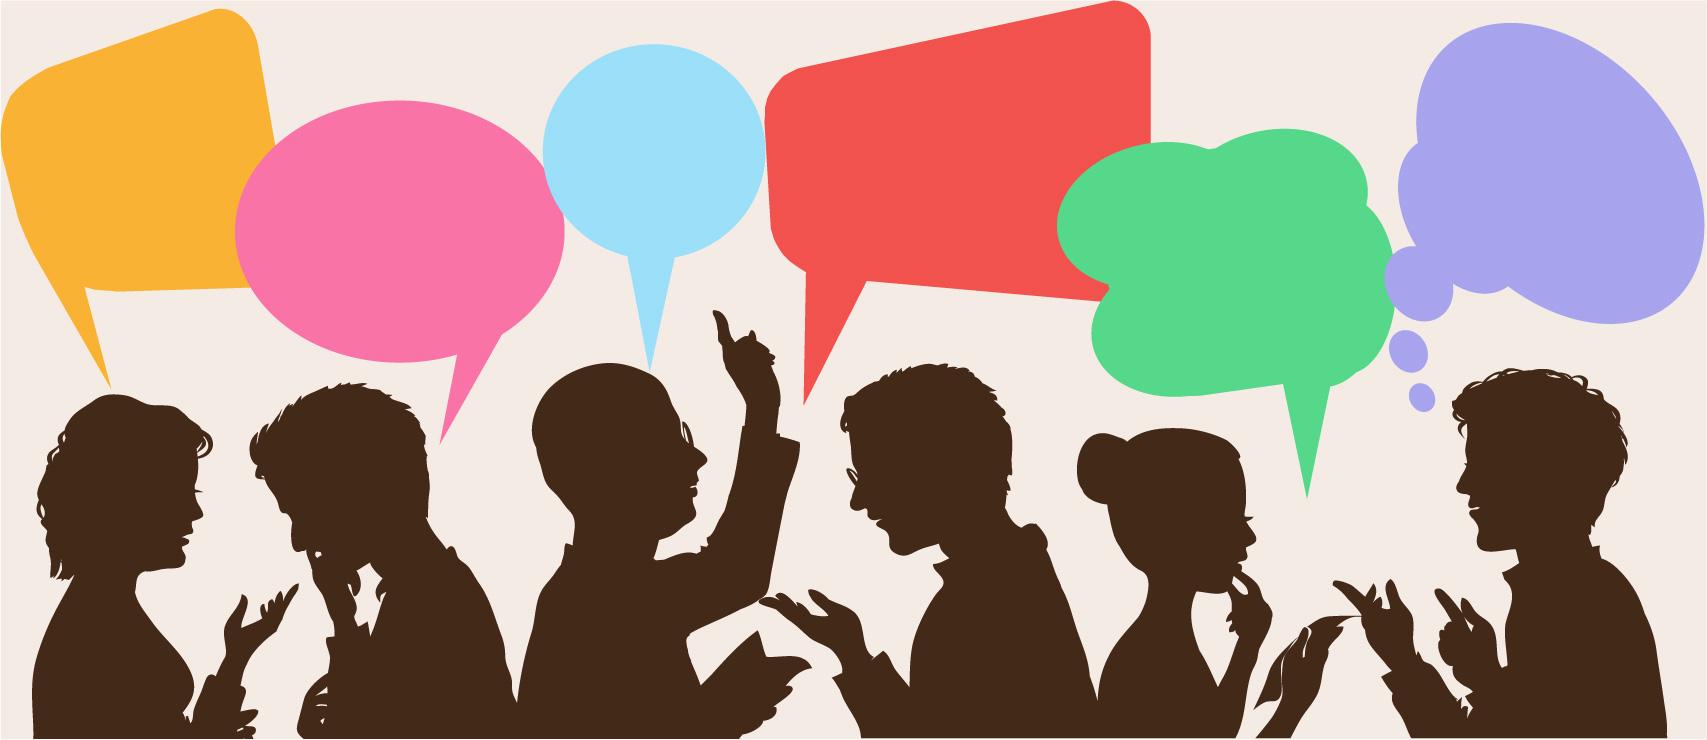 El marco general de la comunicación: eficacia en la comunicación interpersonal